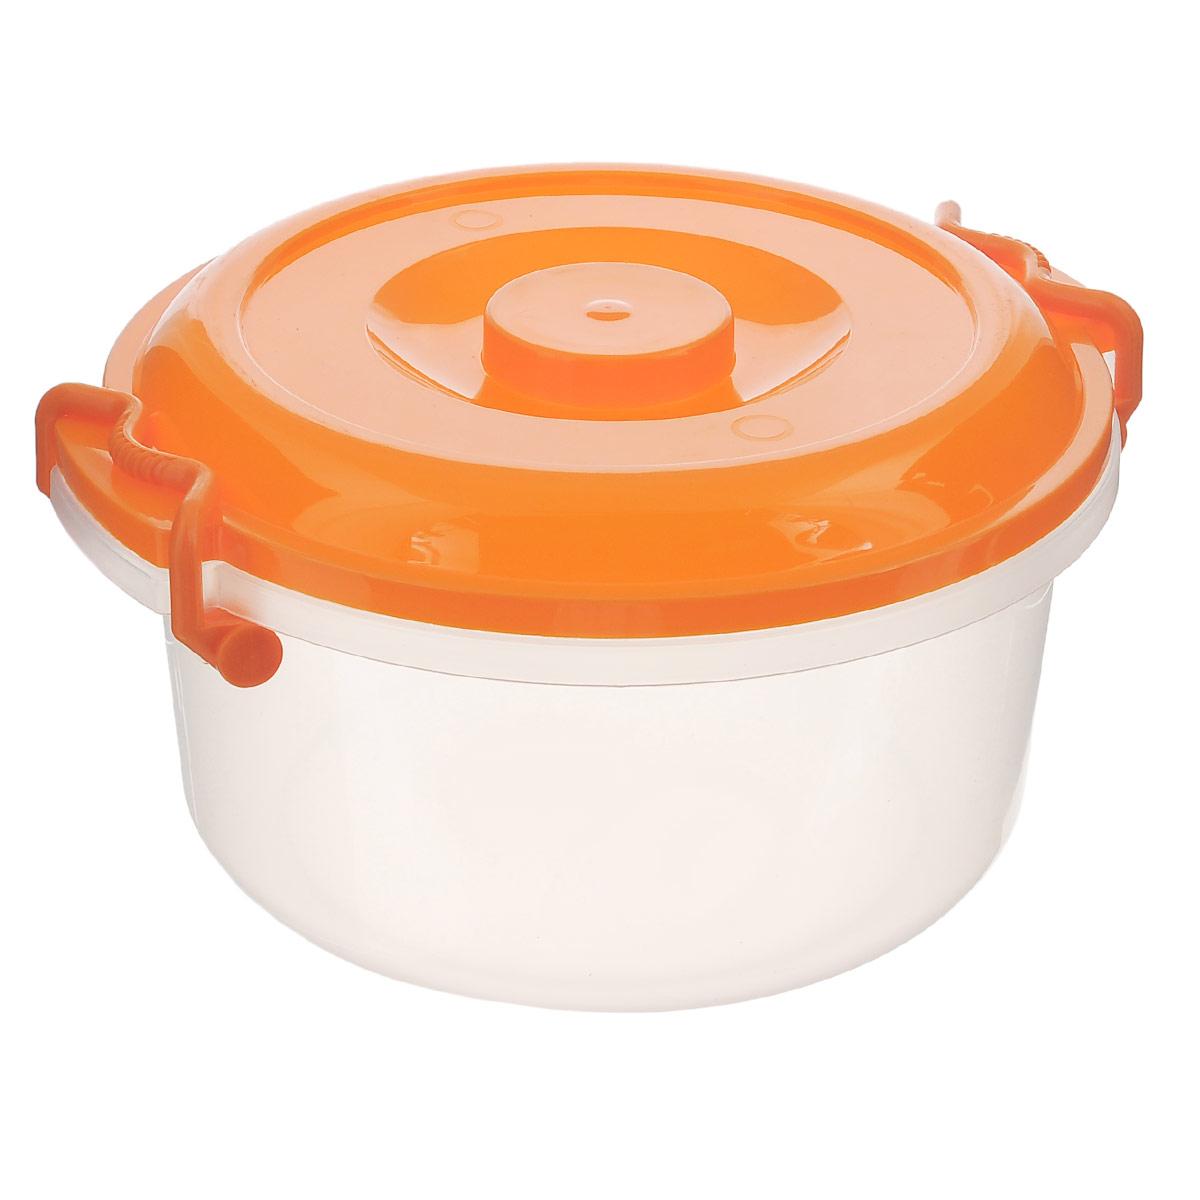 Контейнер Альтернатива, цвет: оранжевый, 5 лVT-1520(SR)Контейнер Альтернатива изготовлен из высококачественного пищевого пластика. Изделие оснащено крышкой и ручками, которые плотно закрывают контейнер. Также на крышке имеется ручка для удобной переноски. Емкость предназначена для хранения различных бытовых вещей и продуктов.Такой контейнер очень функционален и всегда пригодится на кухне. Диаметр контейнера (без учета крышки): 25 см. Высота стенок: 13,5 см. Объем: 5 л.